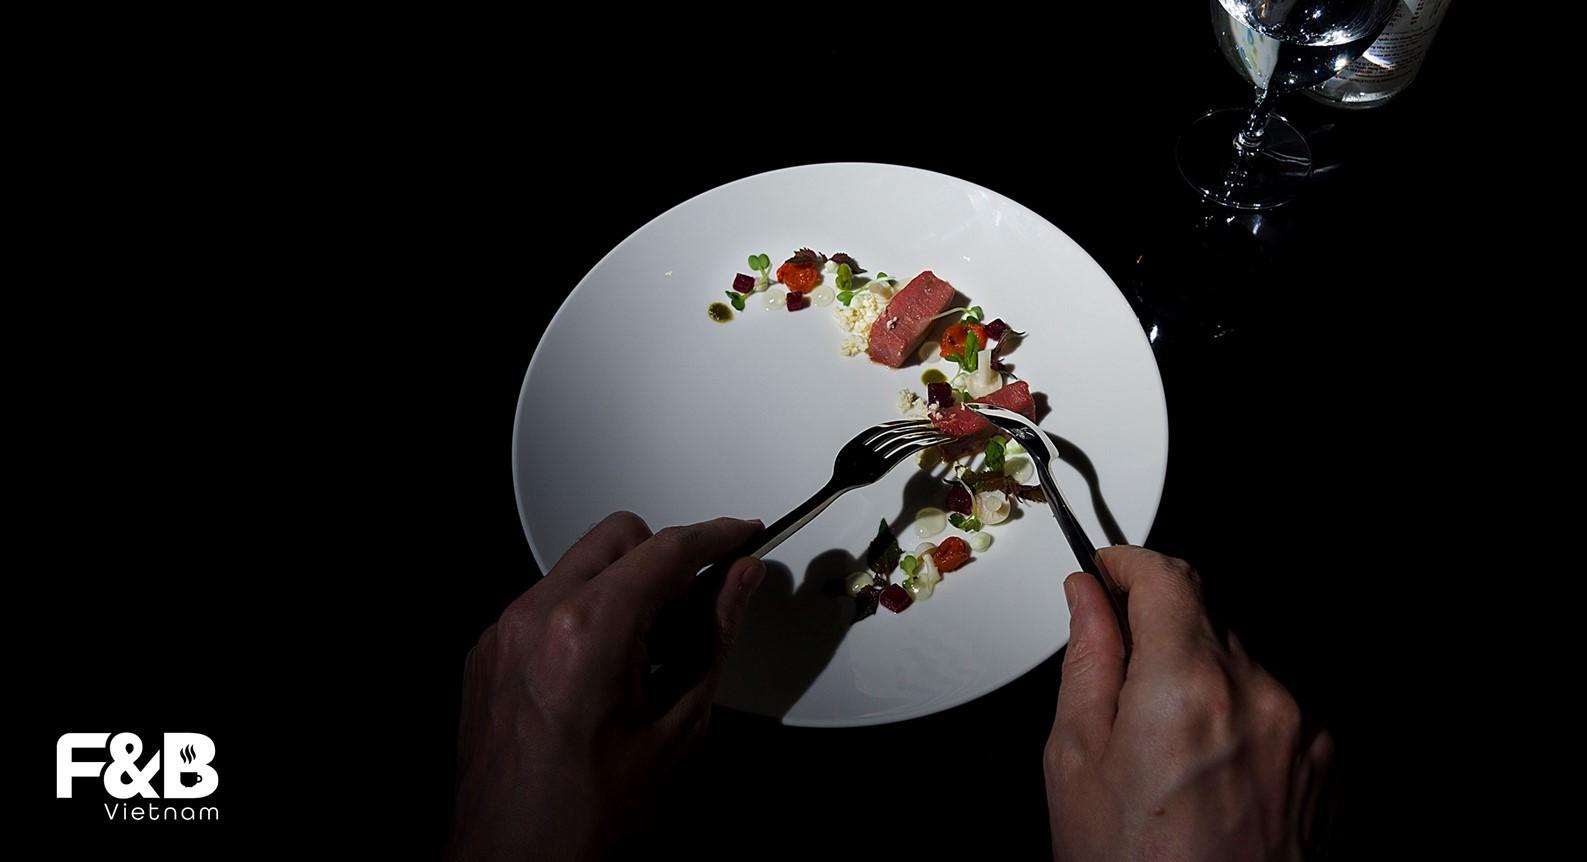 ý tưởng kinh doanh nhà hàng trong bóng tối